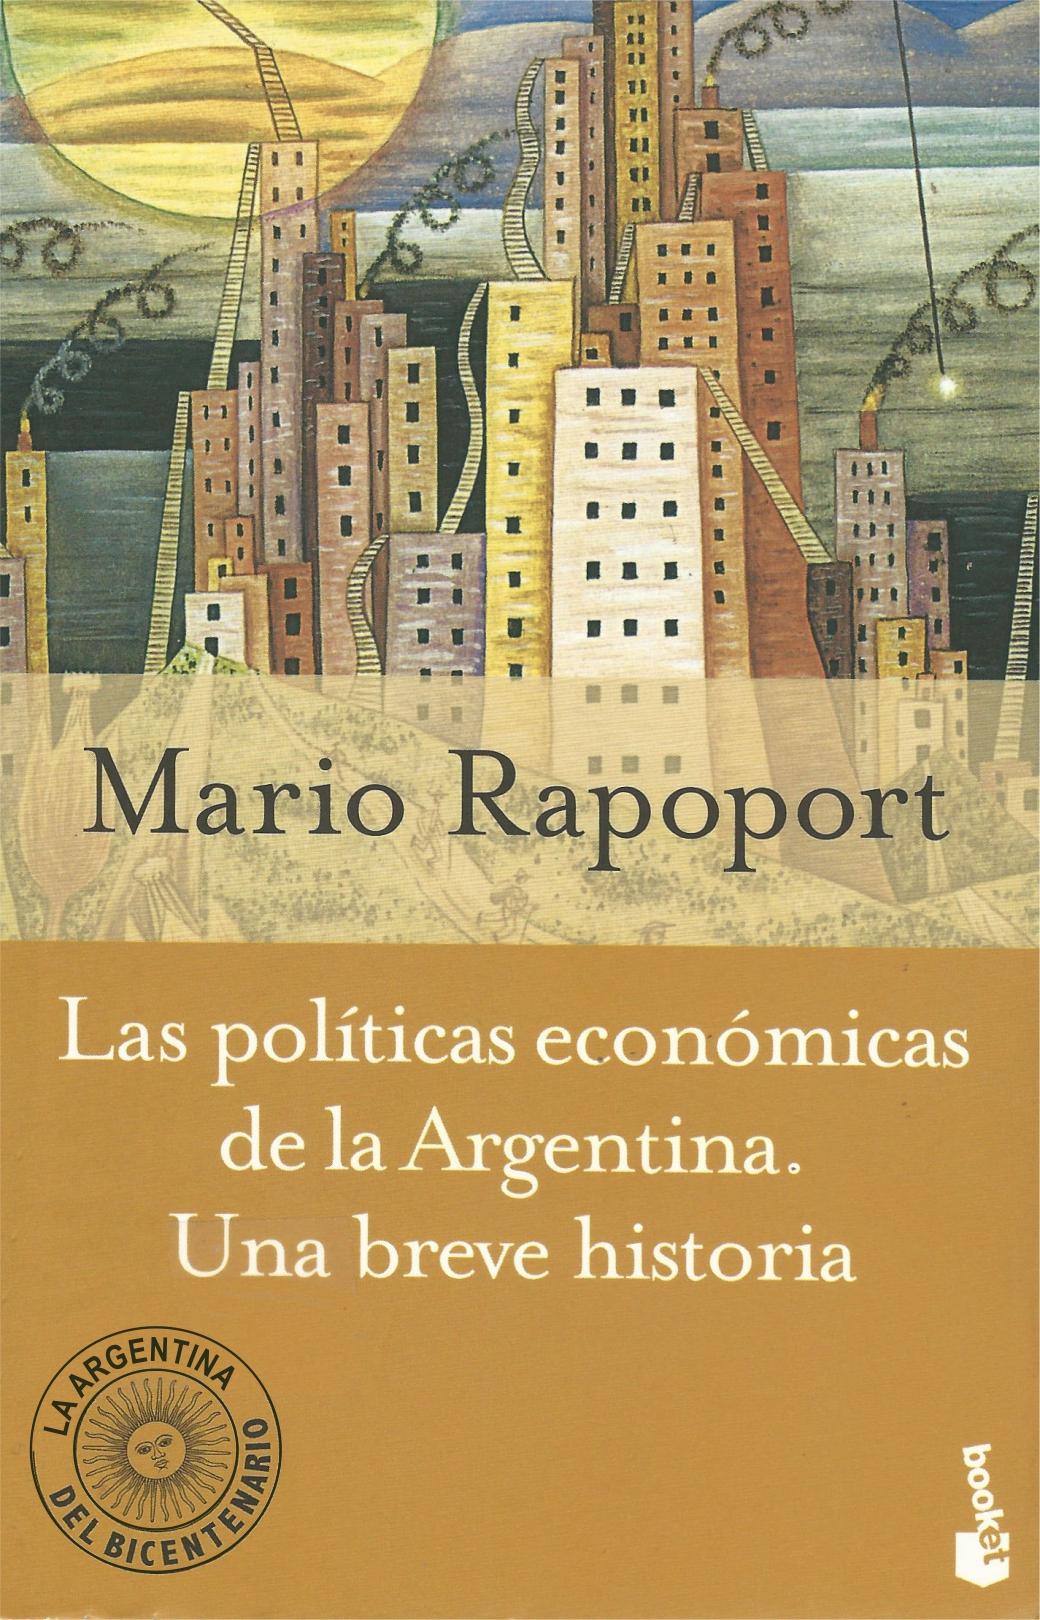 Las políticas económicas de la Argentina: una breve historia